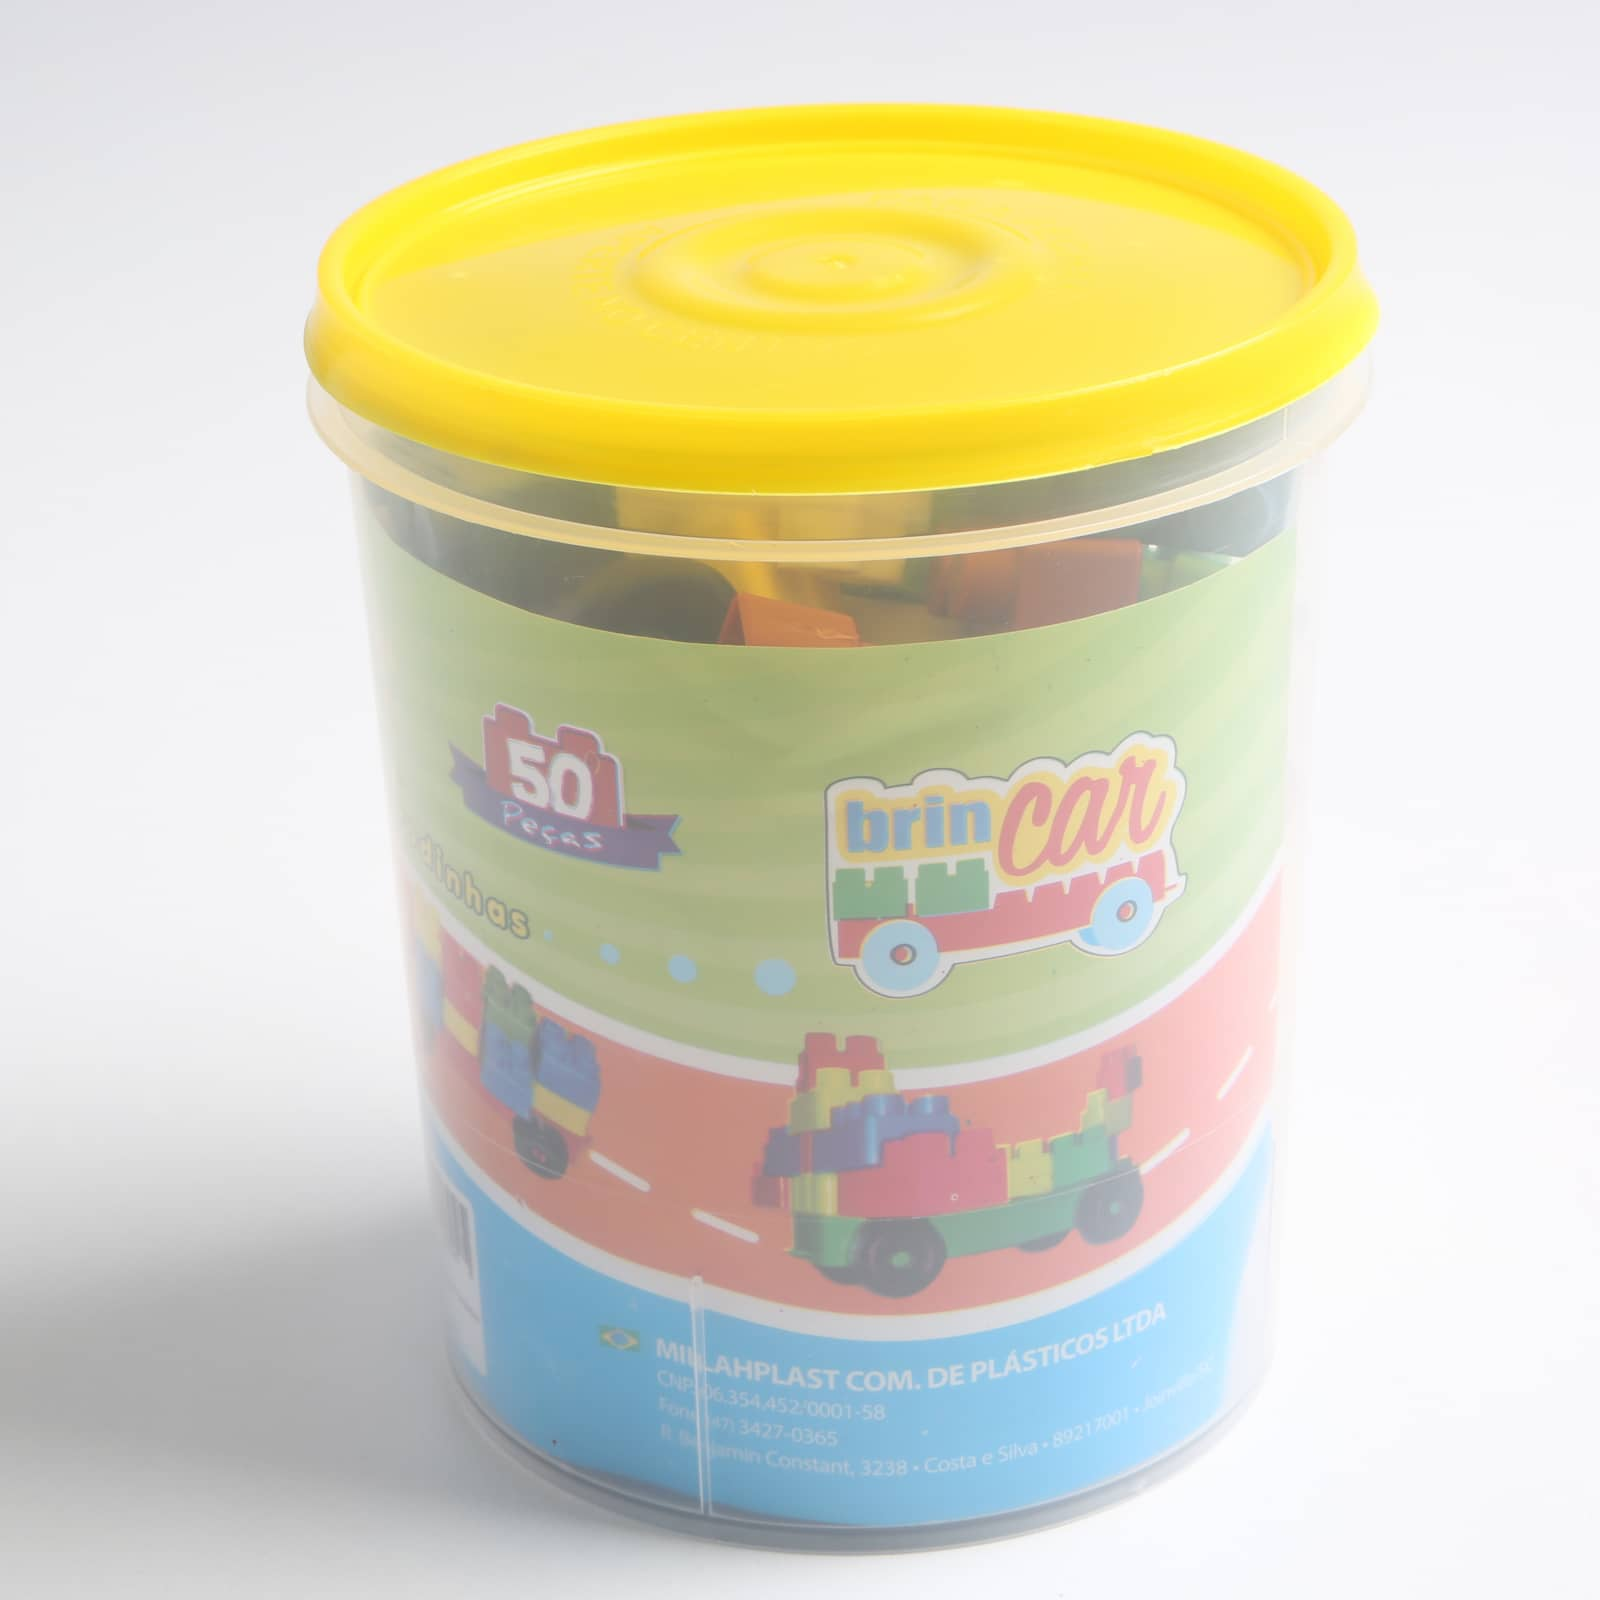 Brincar 50 peças - Ref 620